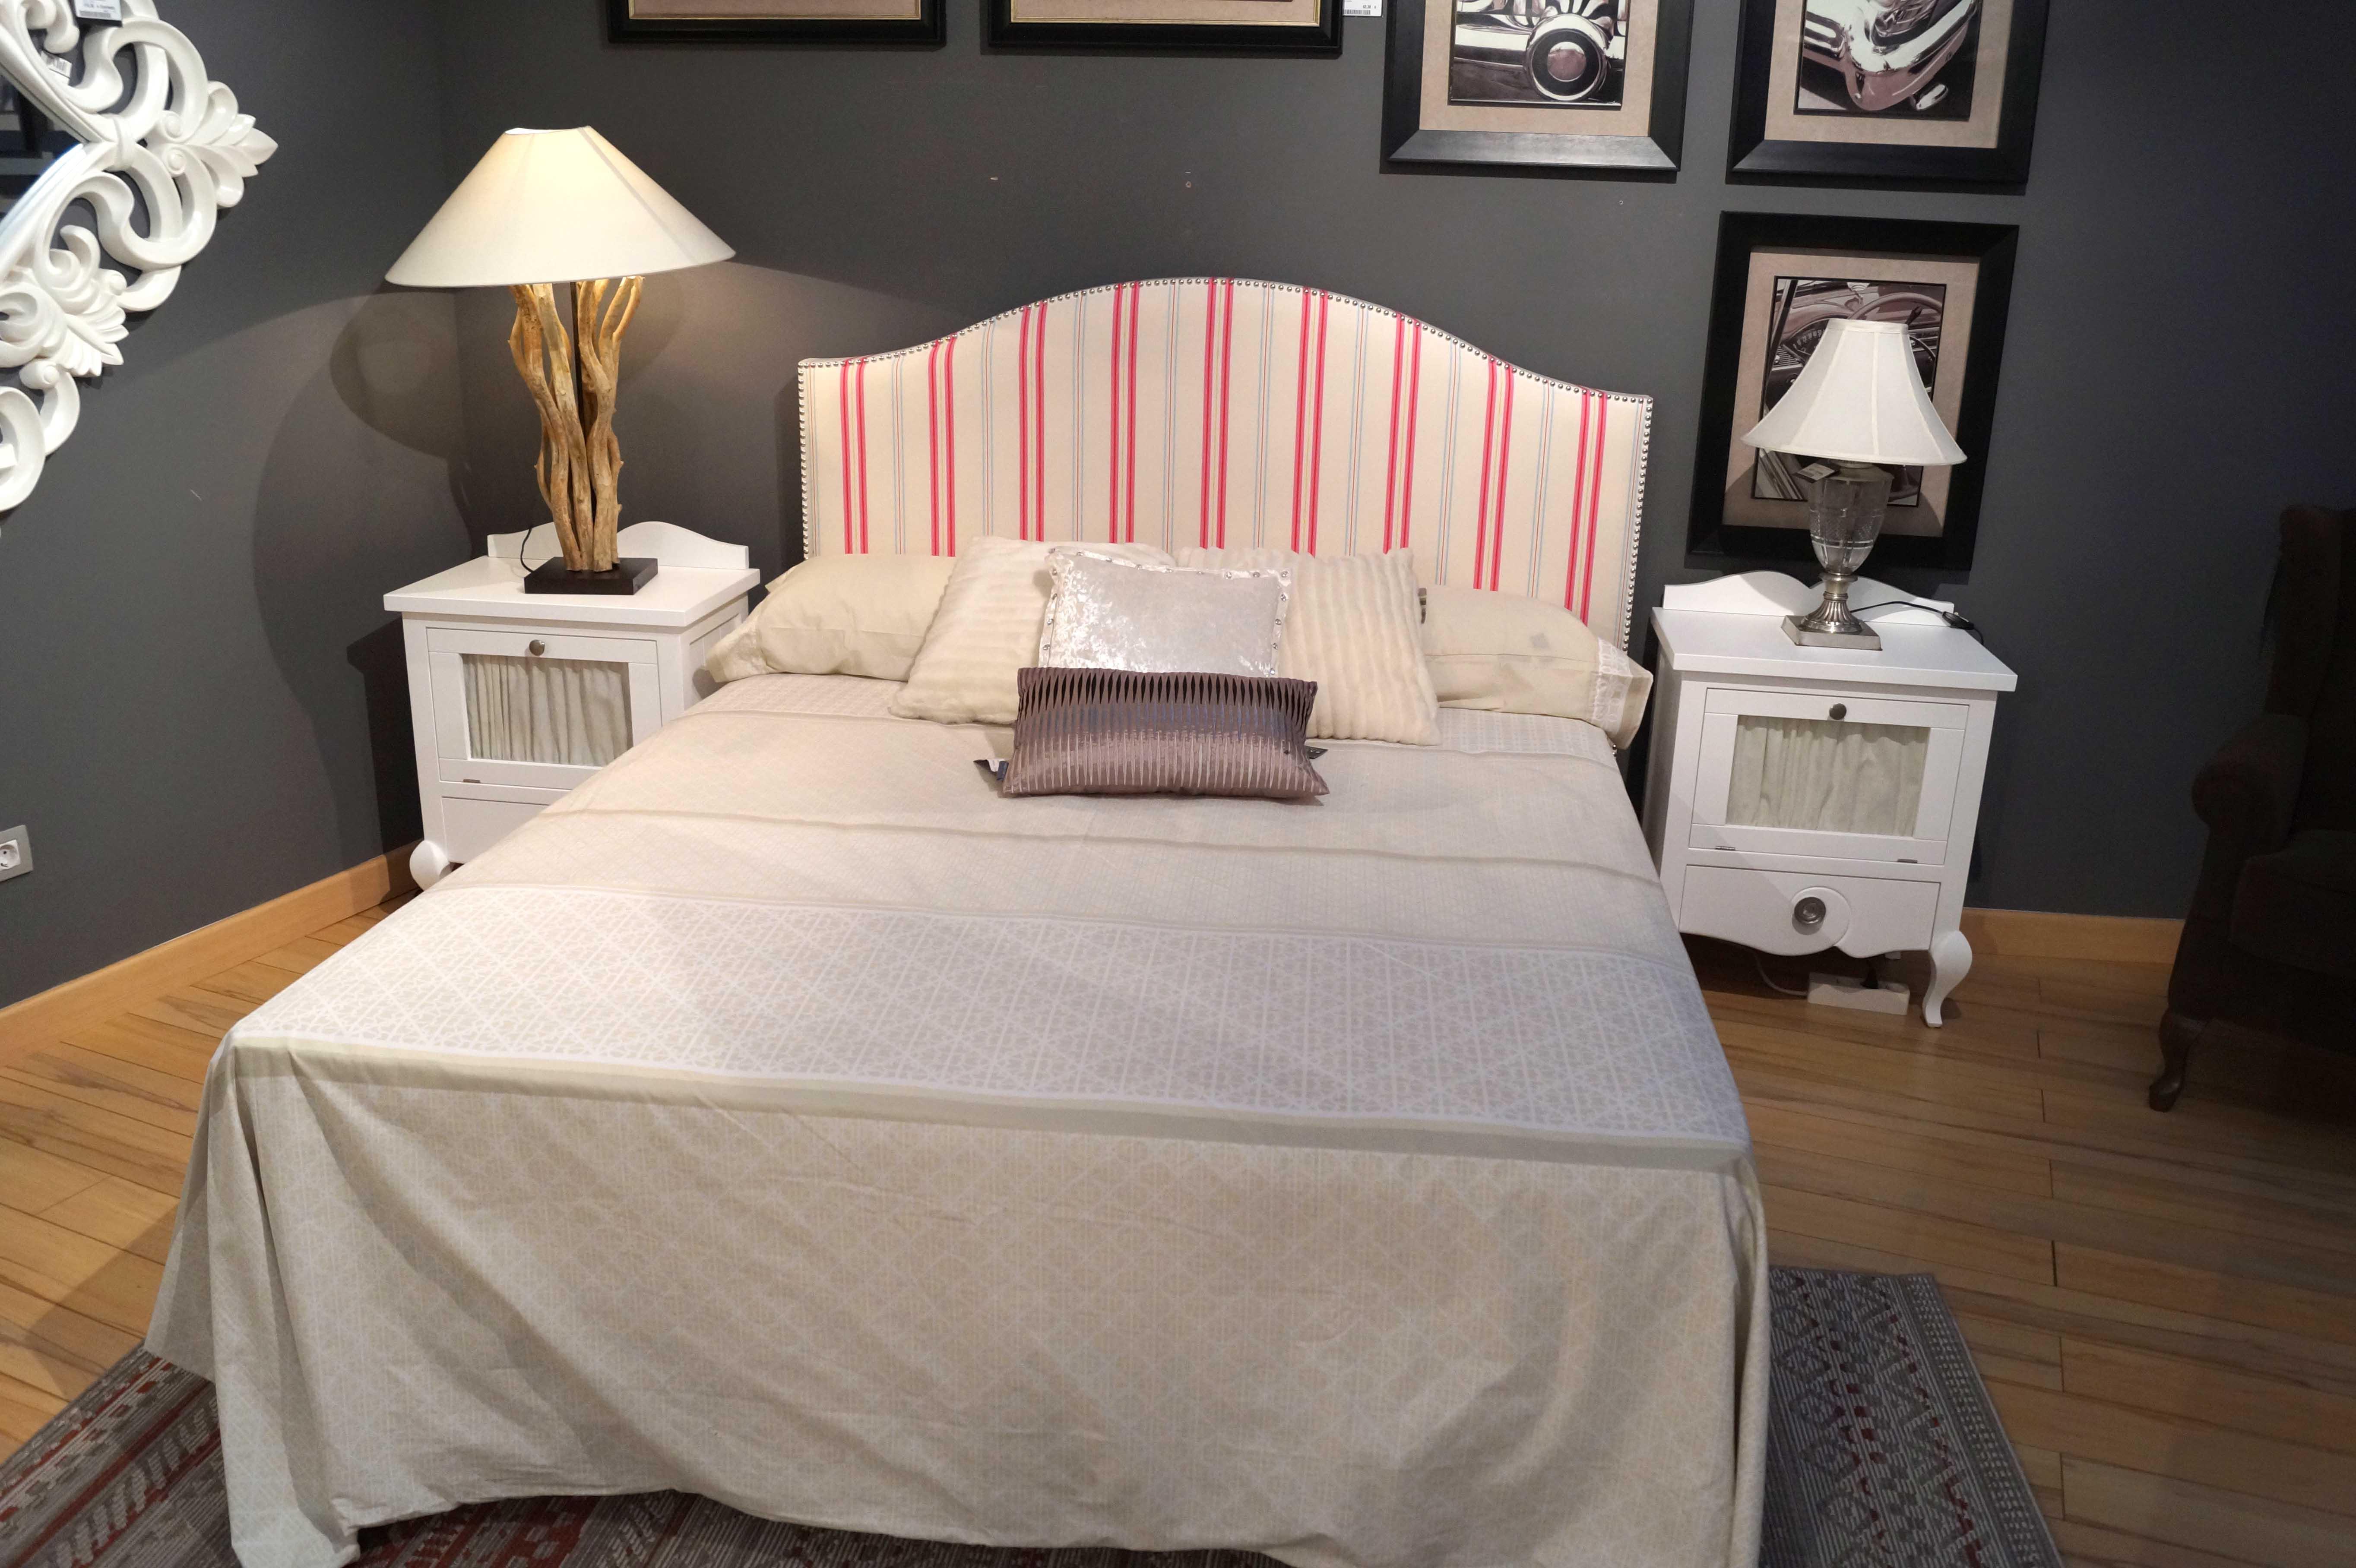 dormitorio bristol bautista muebles y decoraci n